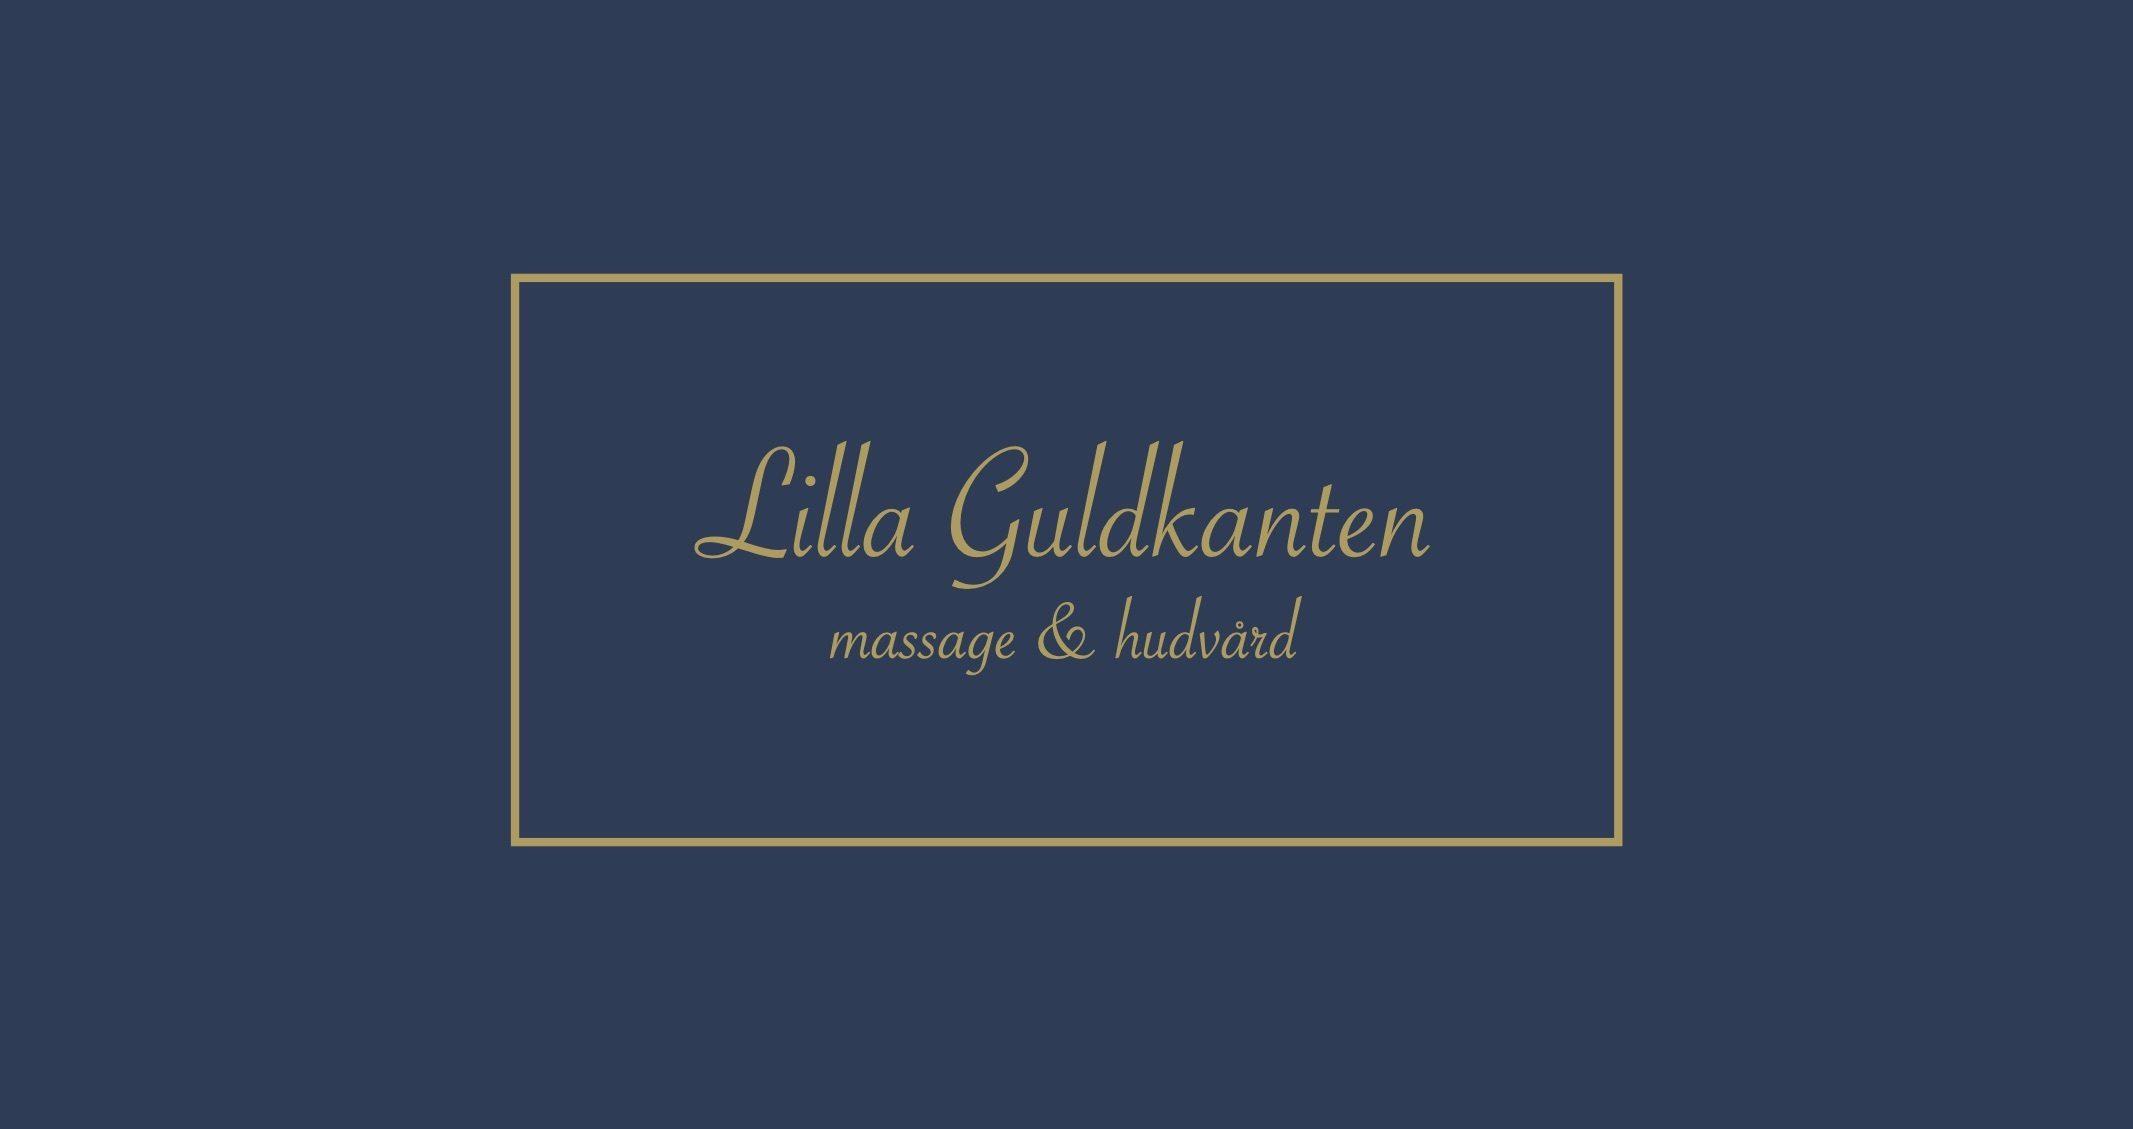 Lilla Guldkanten massage & hudvård